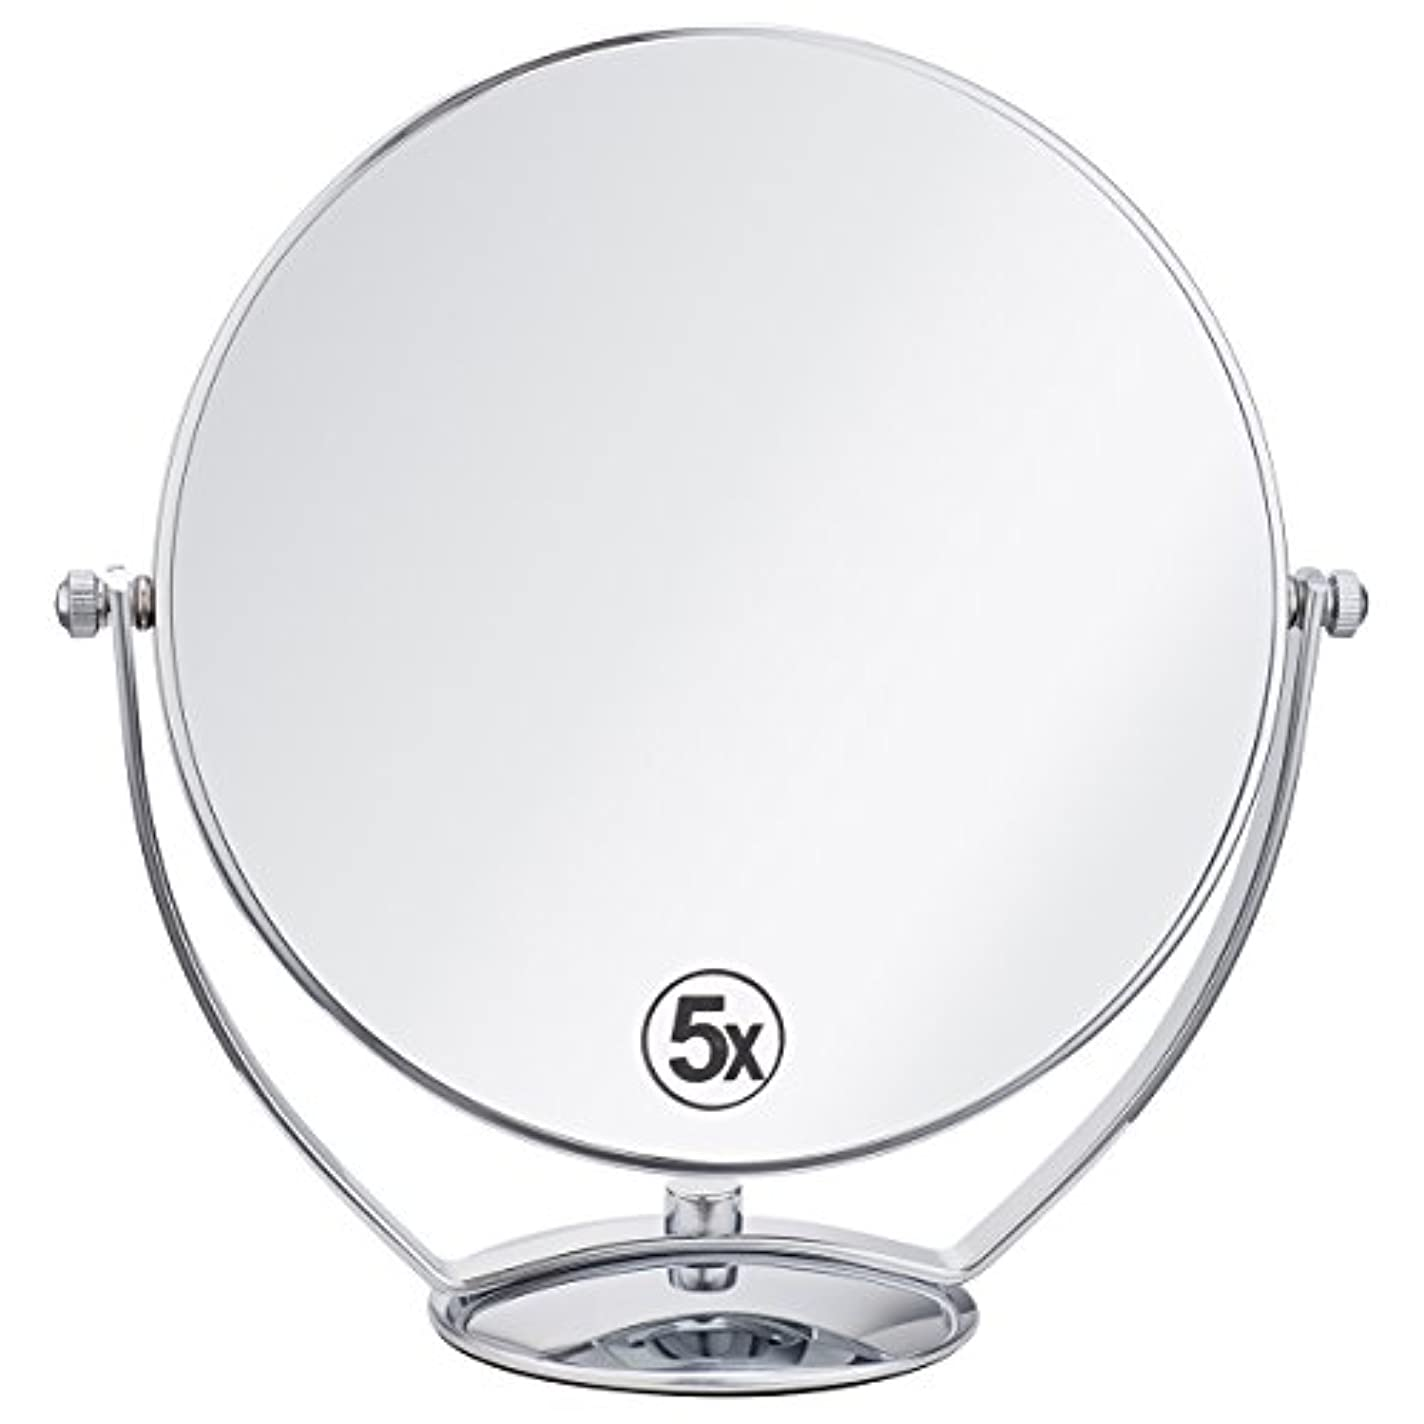 変なスクリュー流星(セーディコ)Cerdeco 西洋風鏡 真実の両面鏡DX 5倍拡大鏡+等倍鏡 両面化粧鏡 360度回転 卓上鏡 スタンドミラー メイク道具 大きい鏡面φ198mm j823